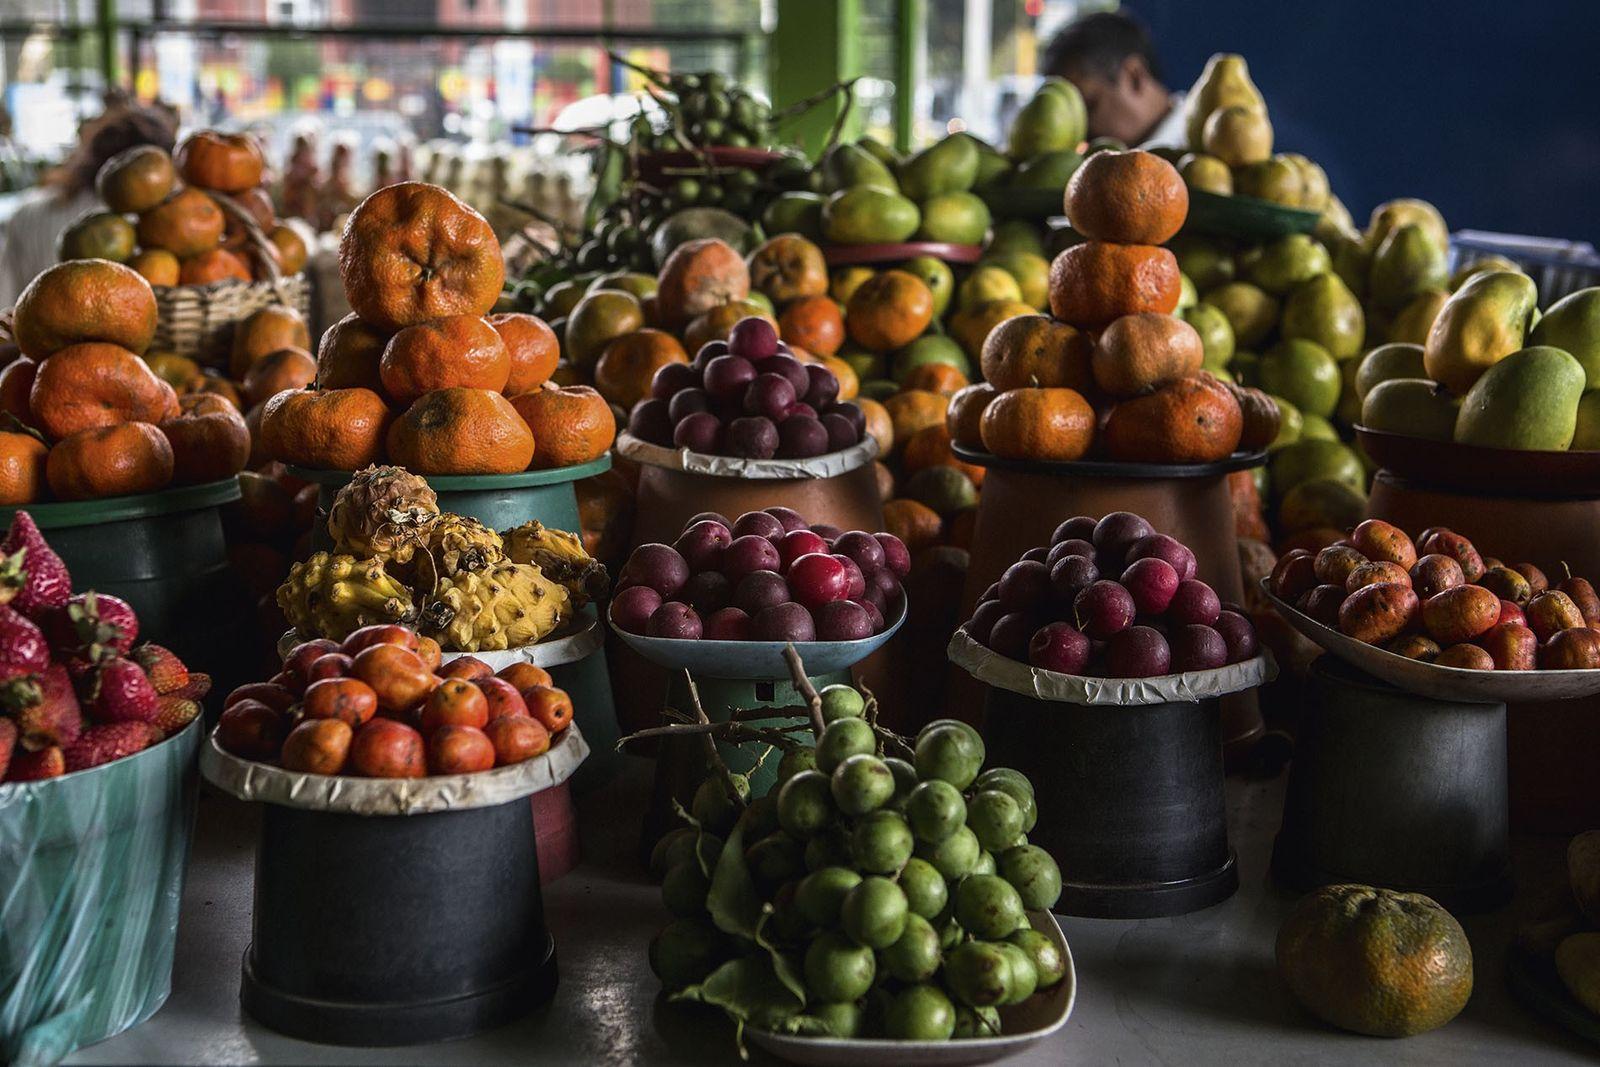 Produce at Paloquemao market